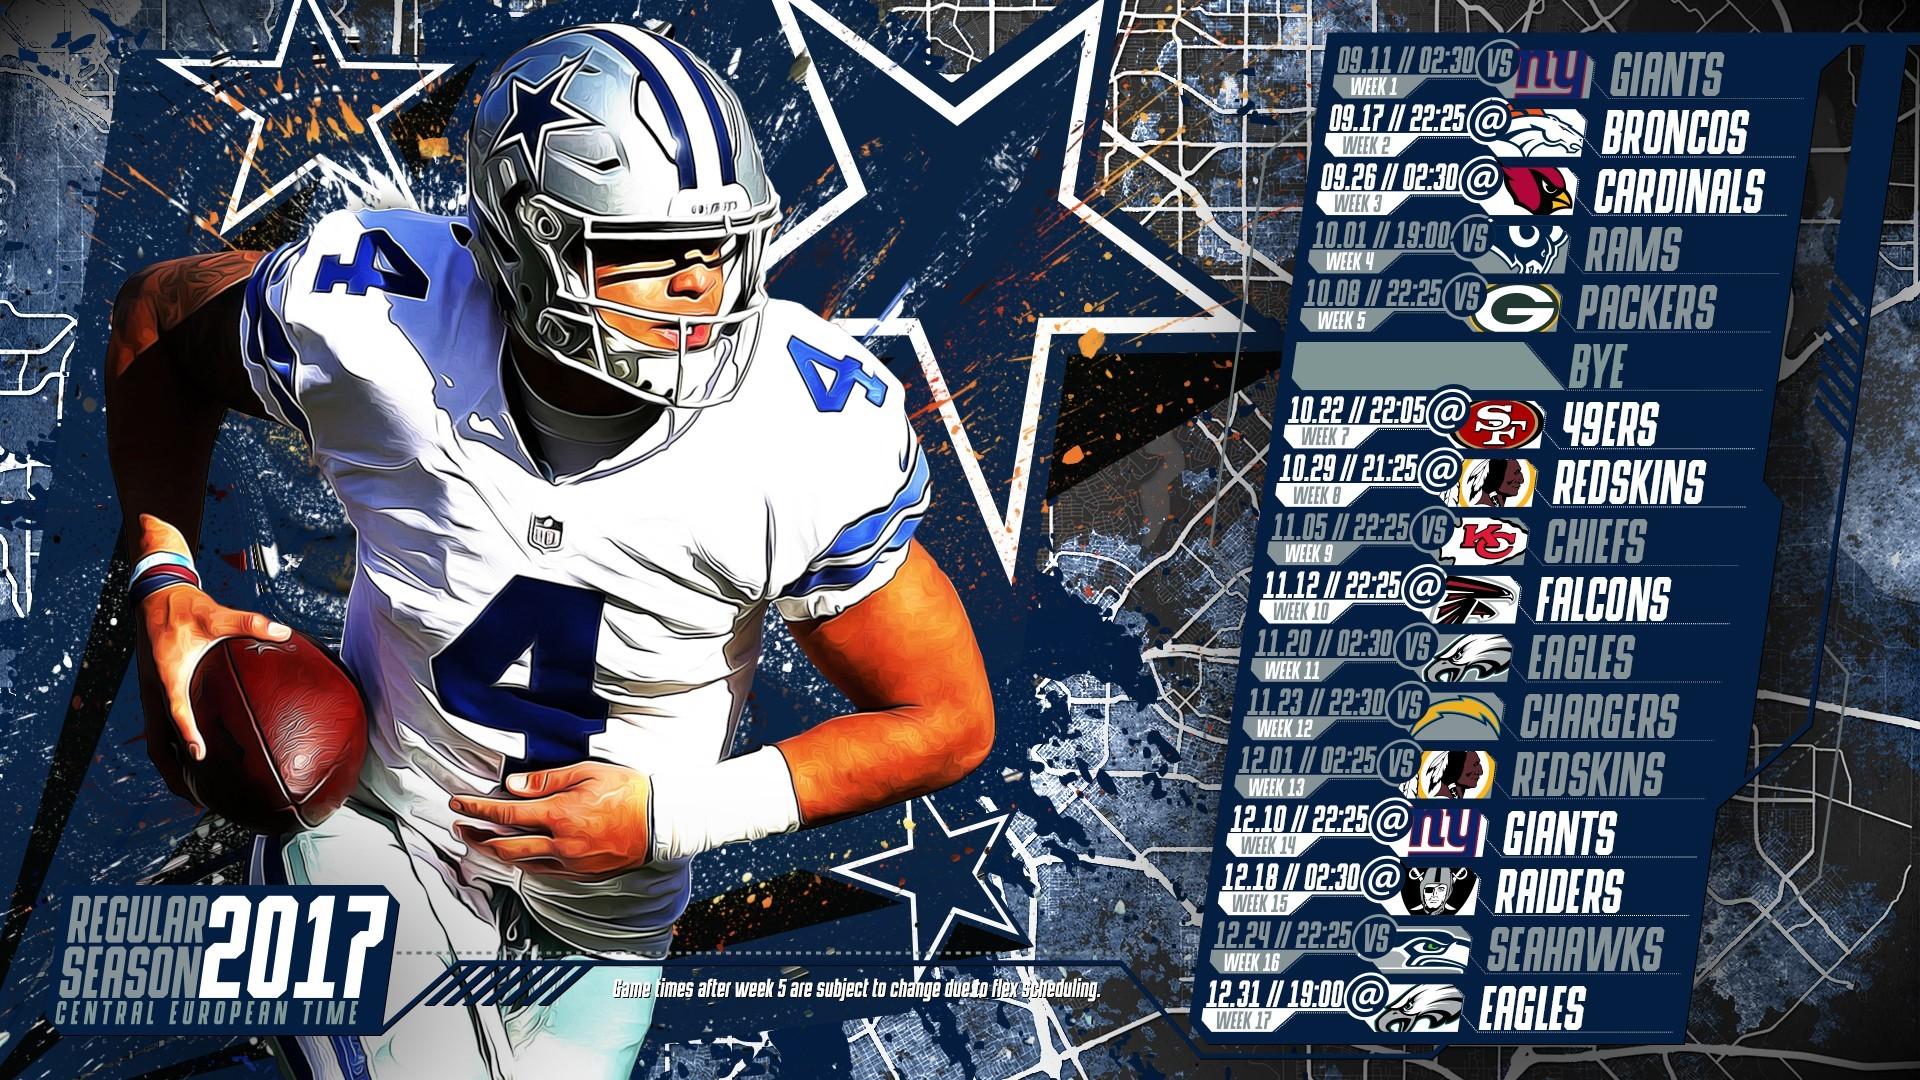 Dallas Cowboys Schedule For 2017 Printable Schedule - Prescott Wallpaper Dallas Cowboys - HD Wallpaper